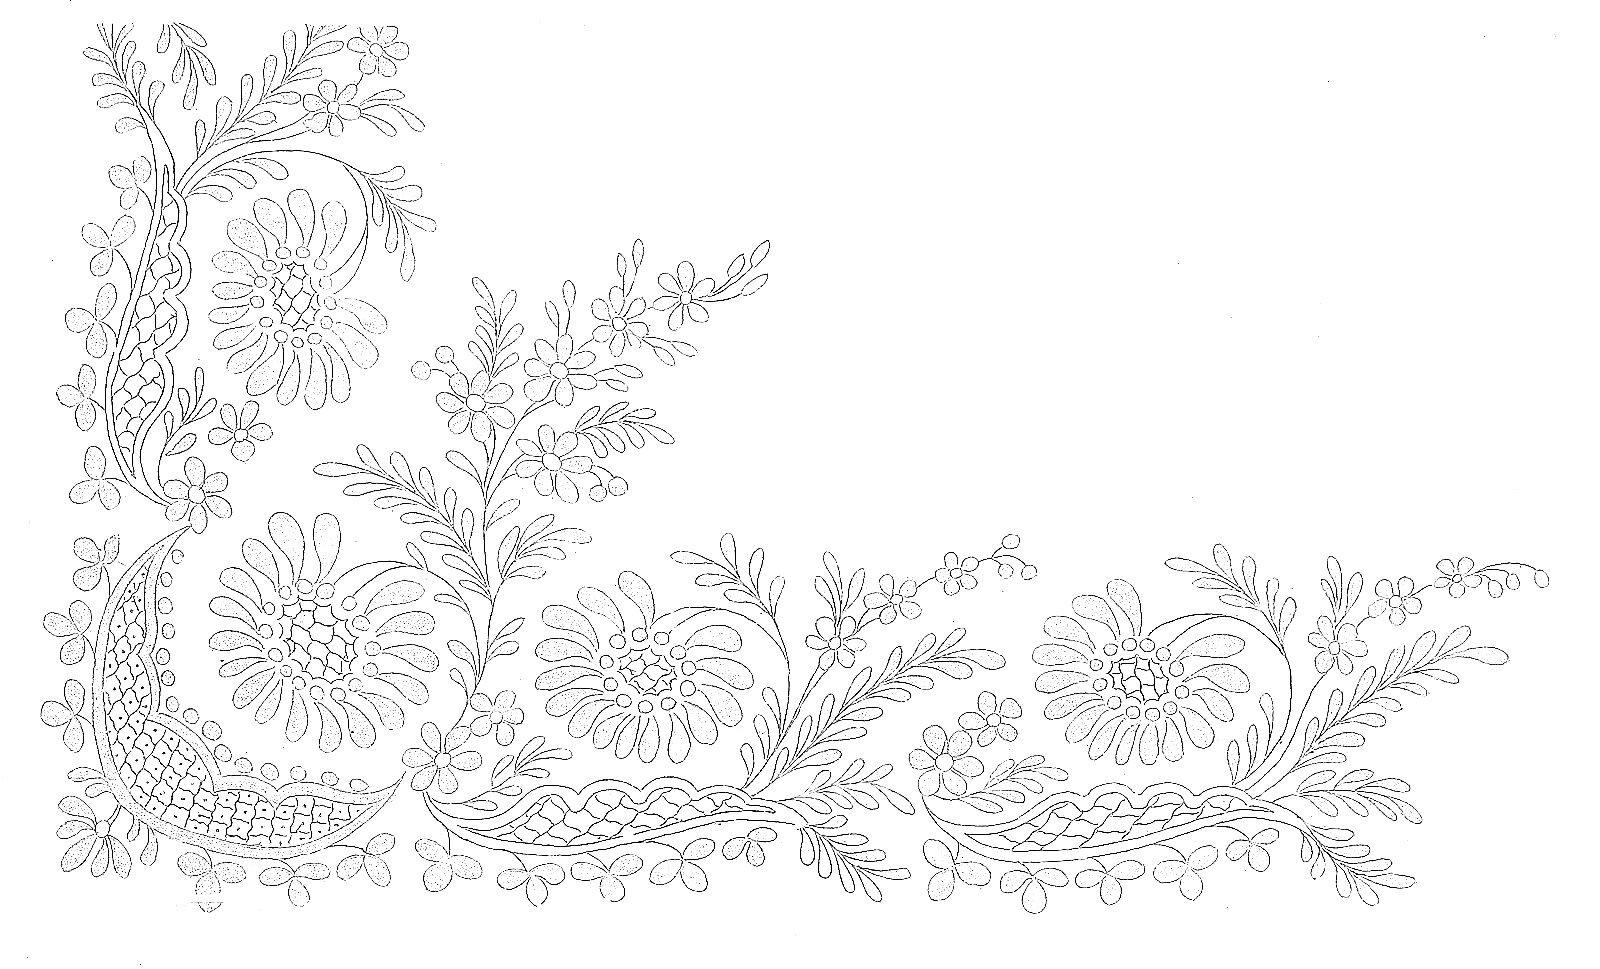 1812 Regency Needlework Pattern 2 Feb